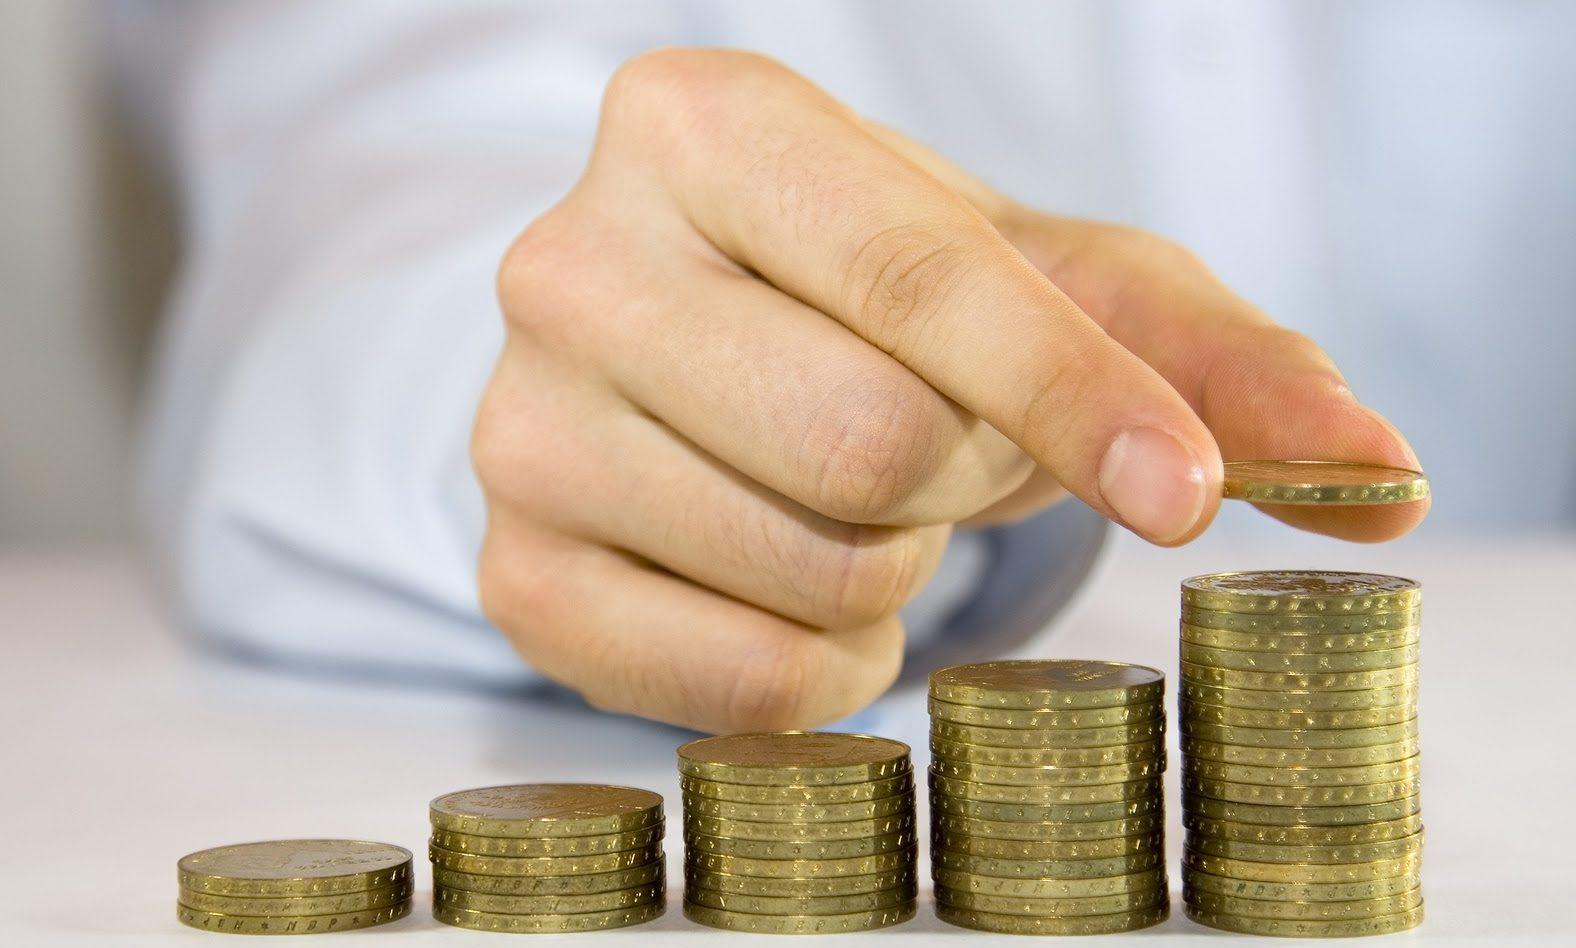 hogy milyen munkával lehet pénzt keresni)